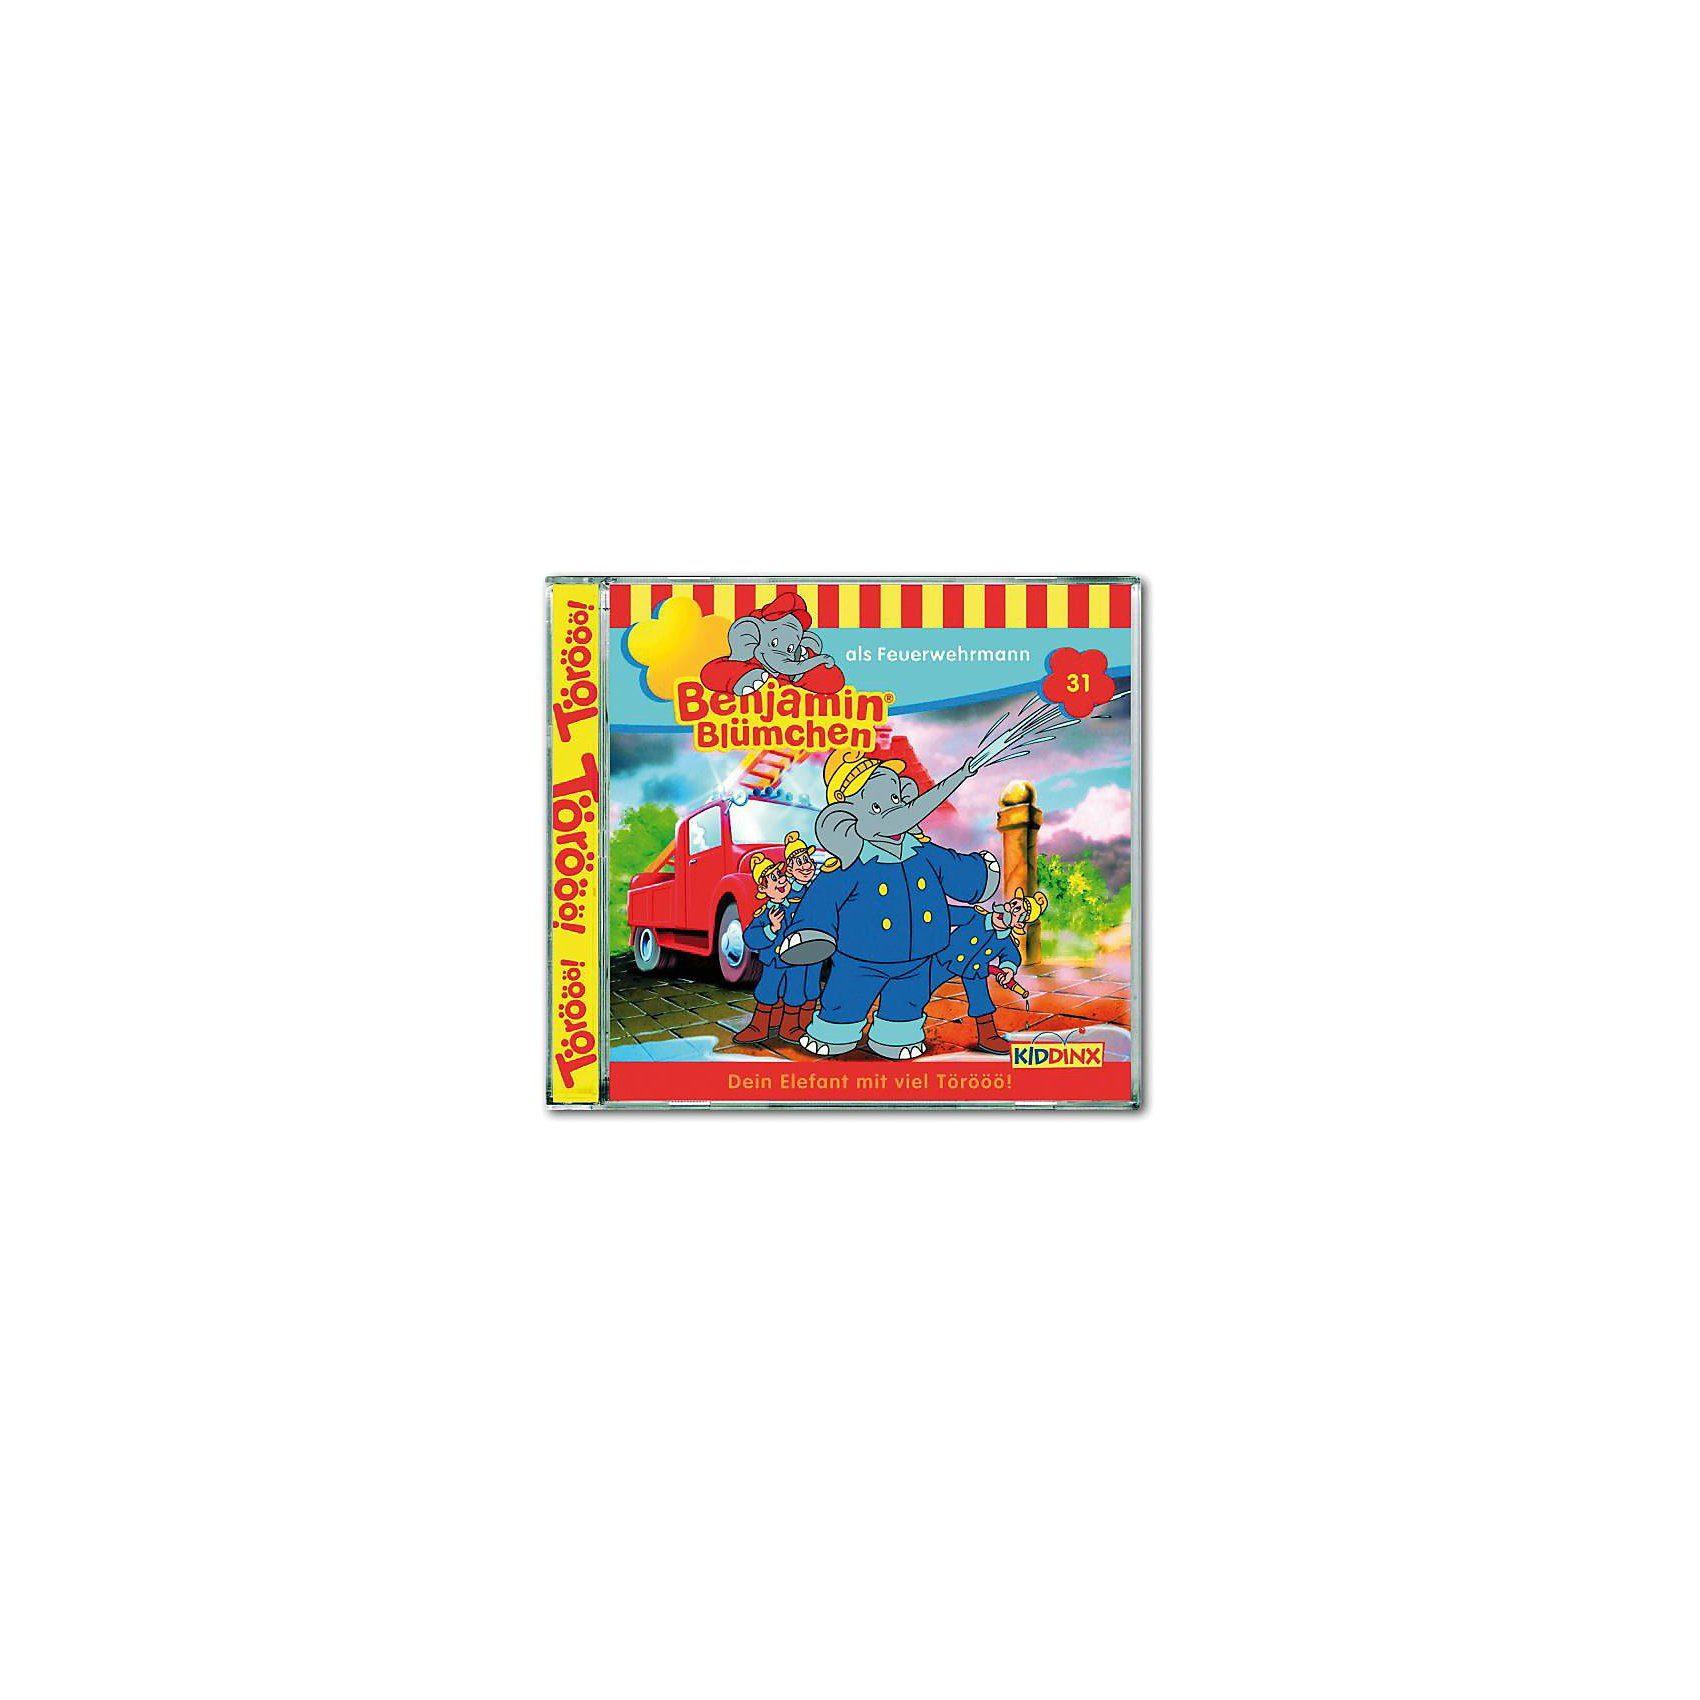 Kiddinx CD Benjamin Blümchen 31 - als Feuerwehrmann